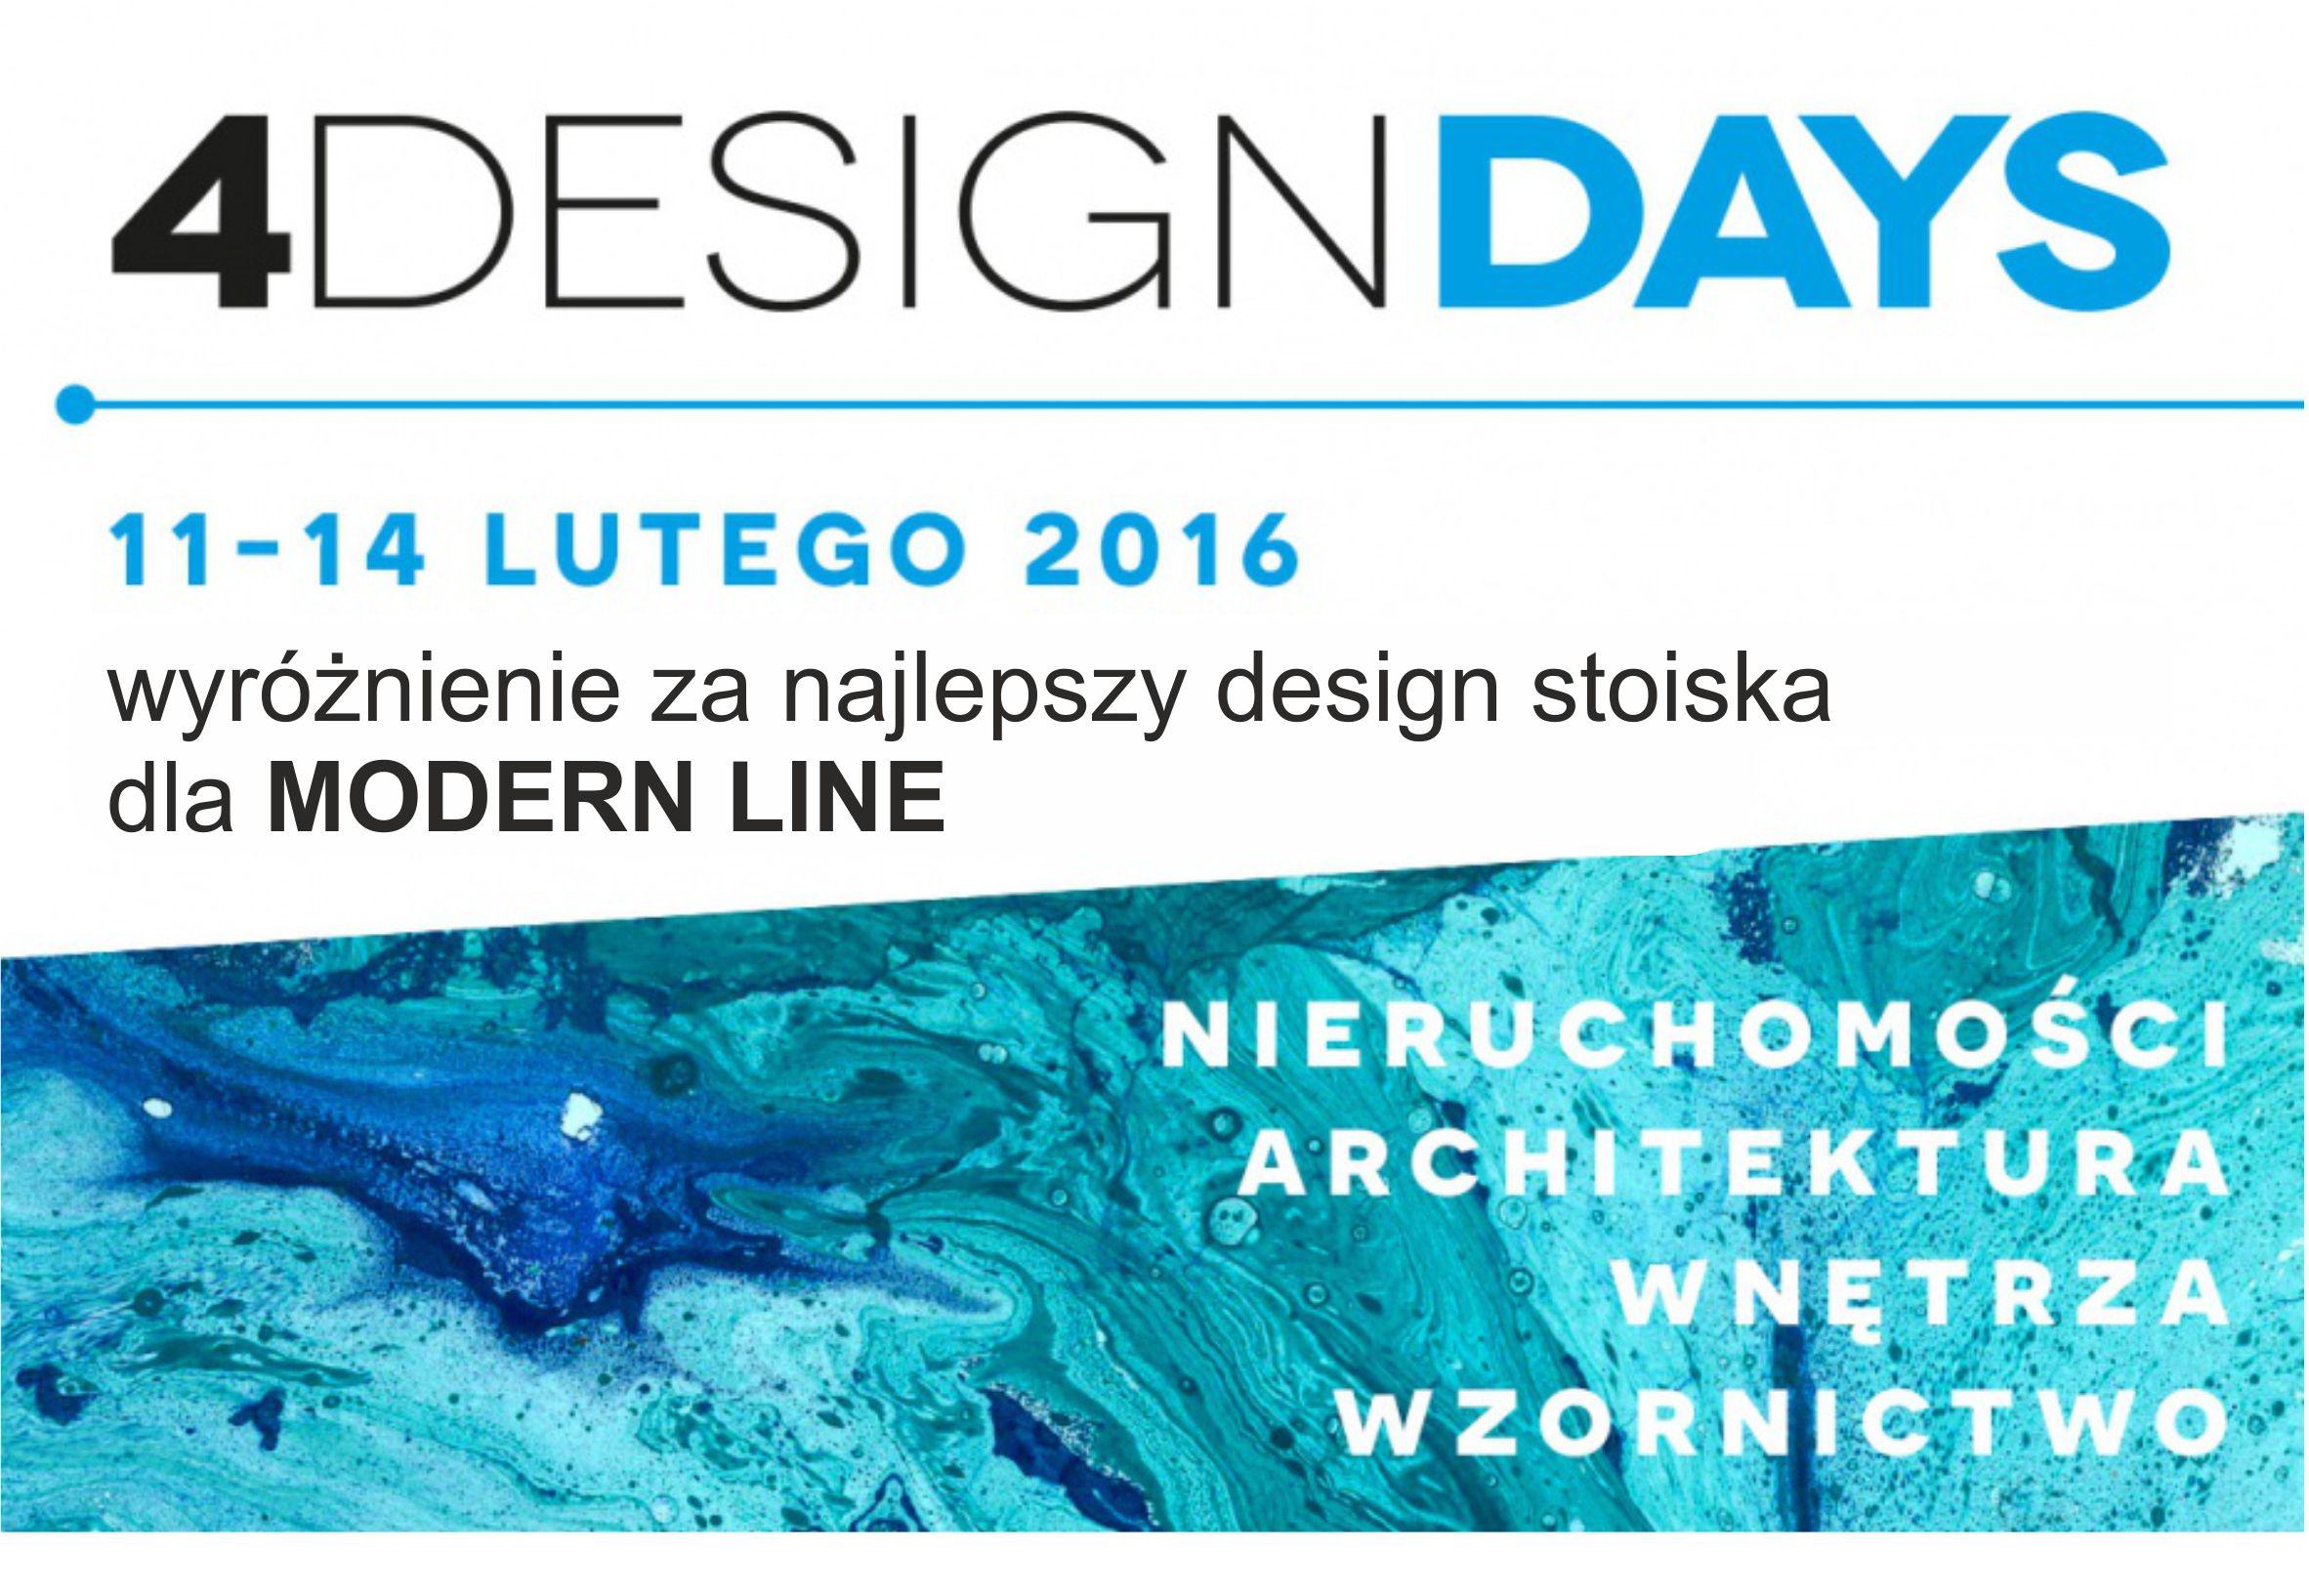 Wyróżnienie dla stoiska Modern Line na 4 Design Days